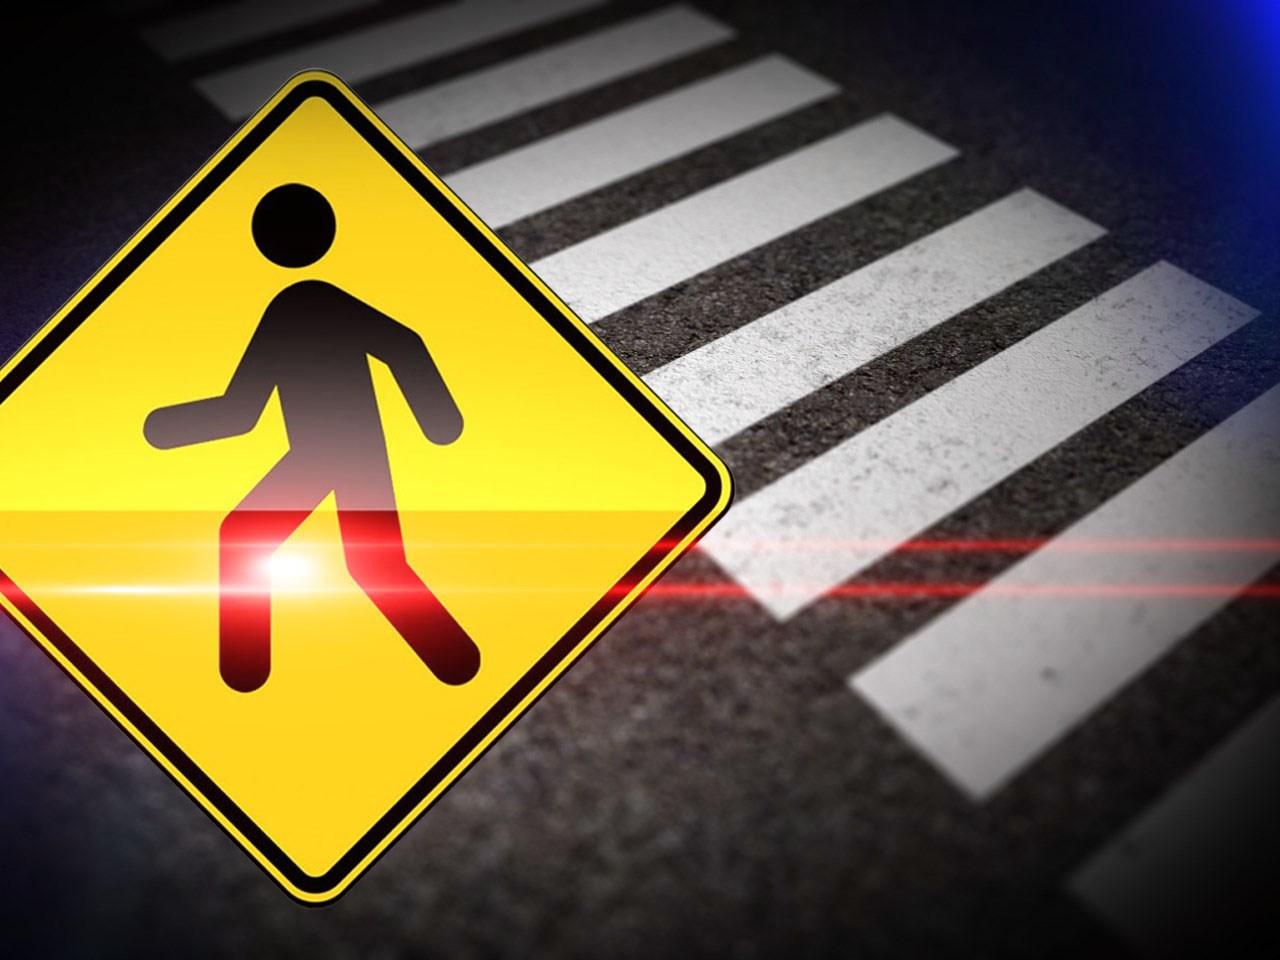 pedestrian safety_1505307948305.jpg